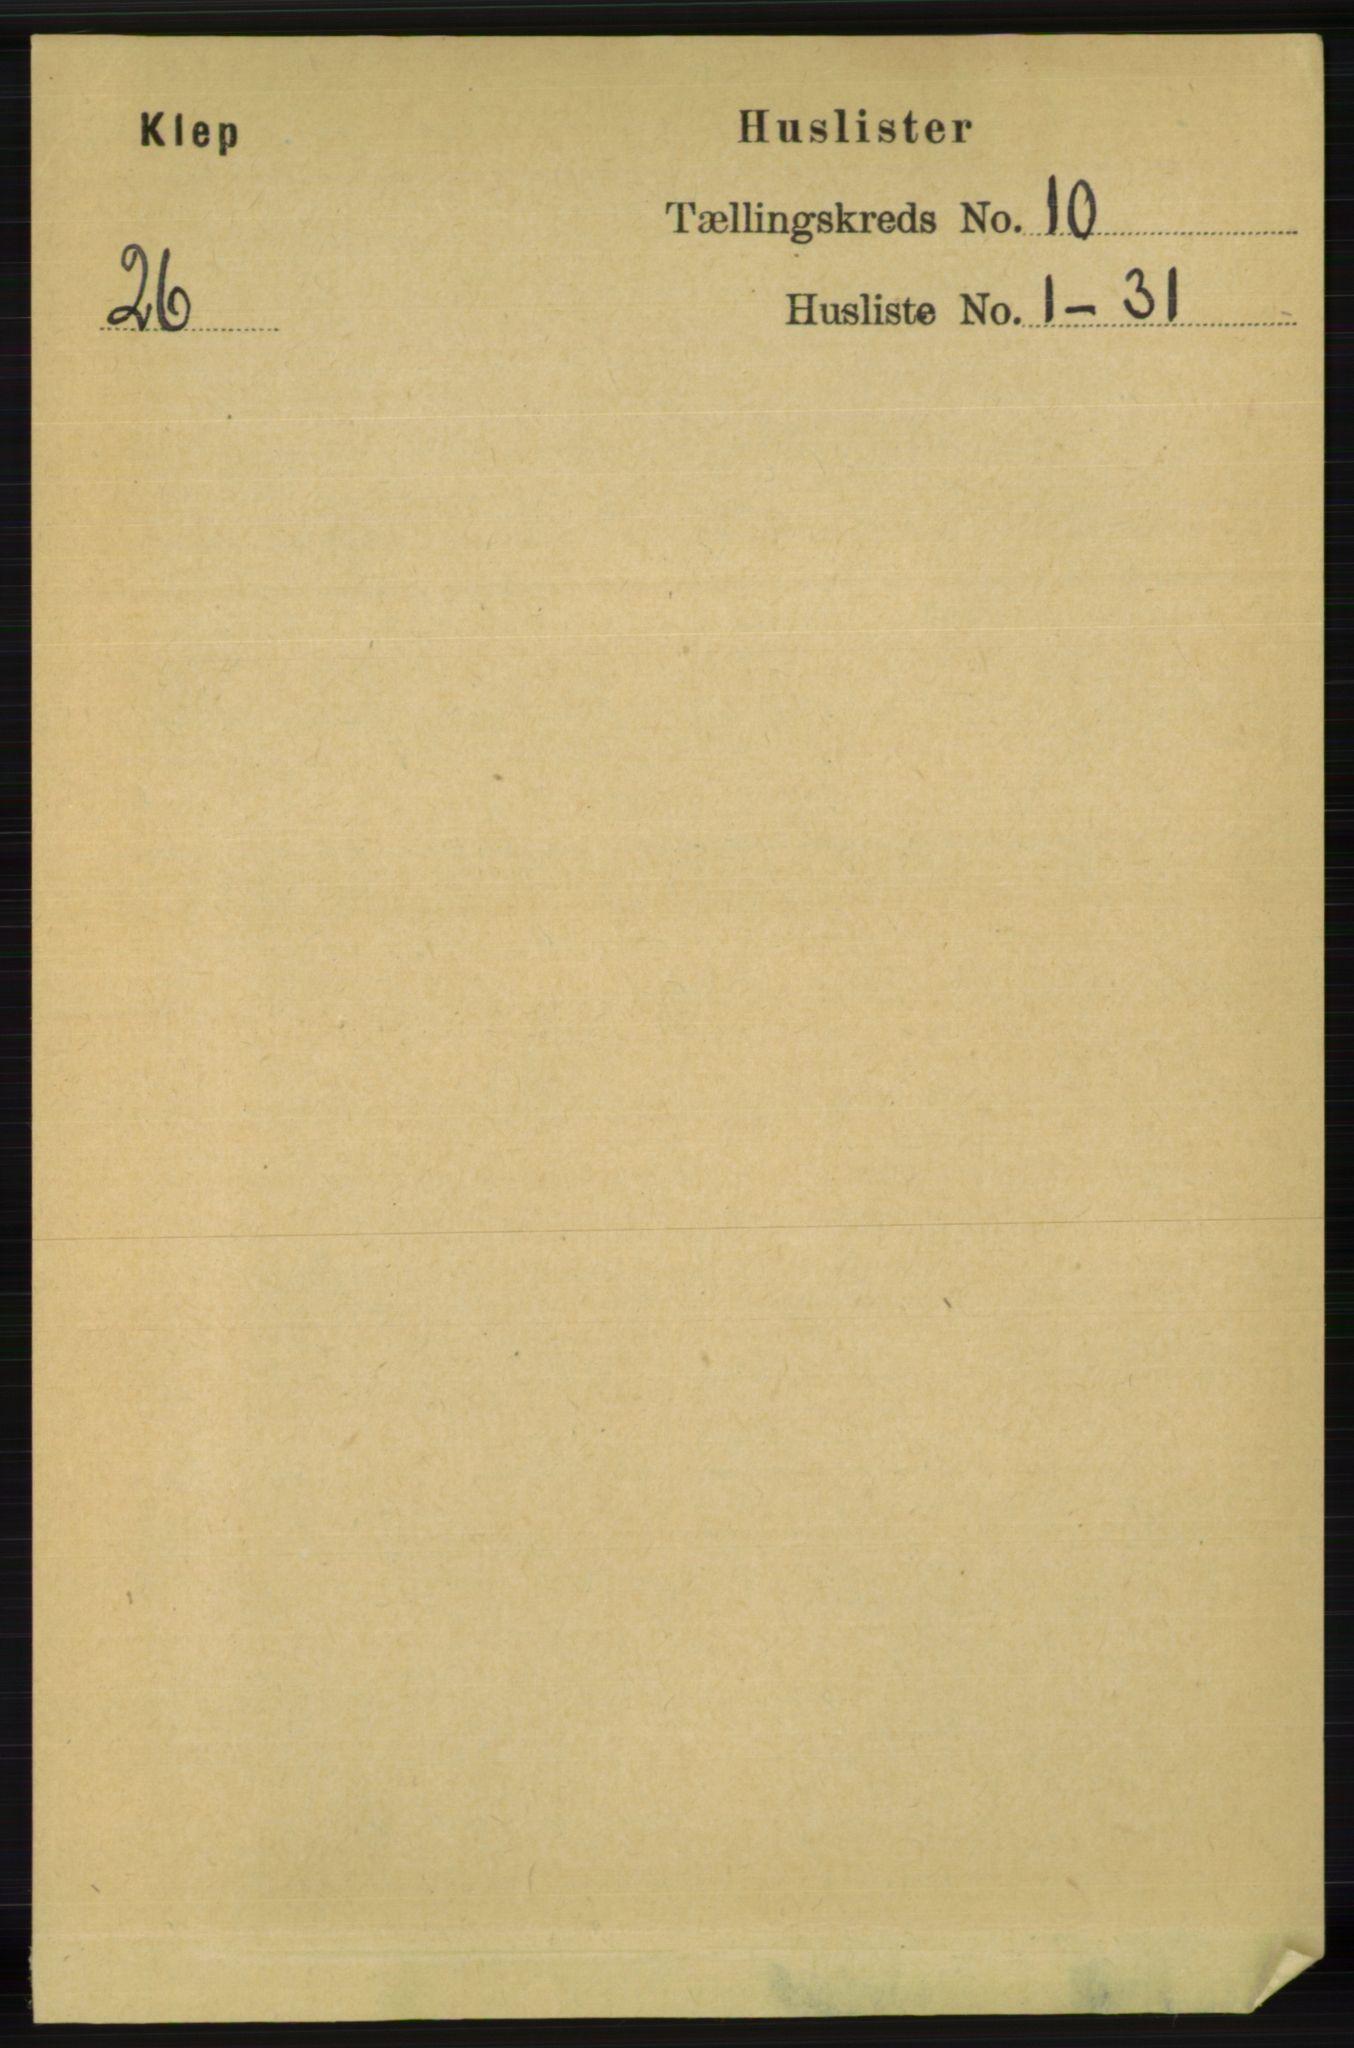 RA, Folketelling 1891 for 1120 Klepp herred, 1891, s. 2818